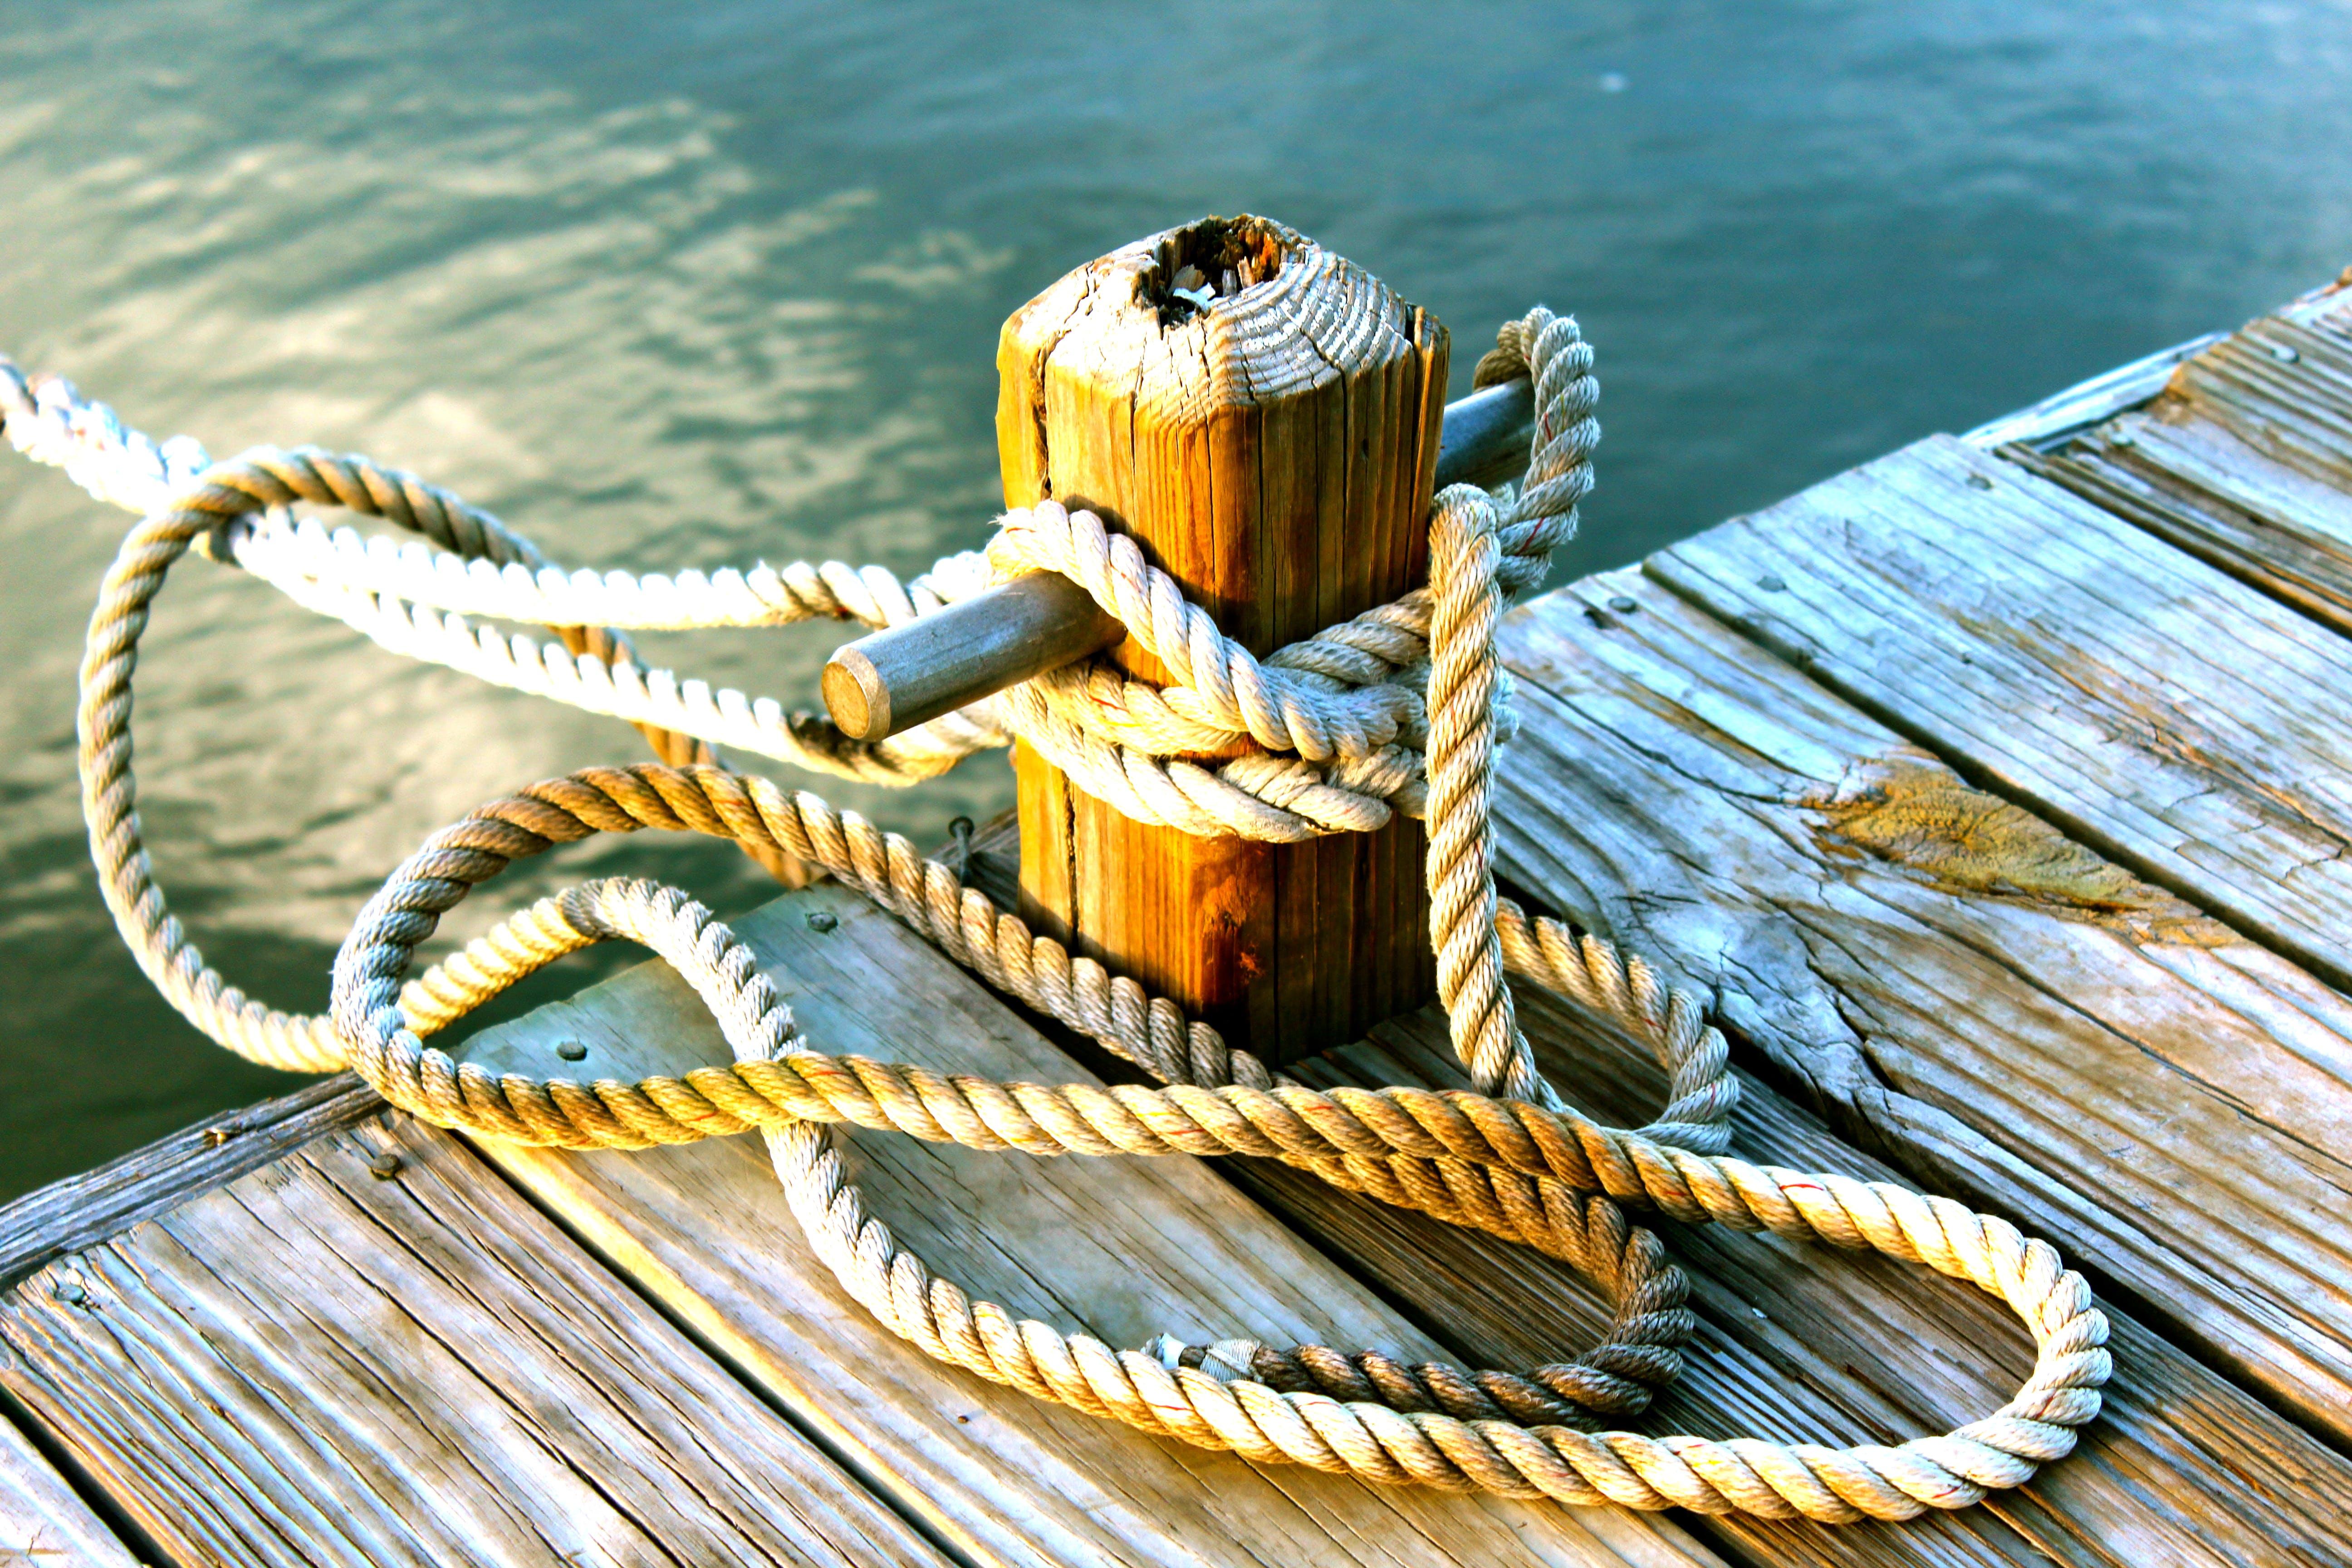 boat deck, dock, harbor